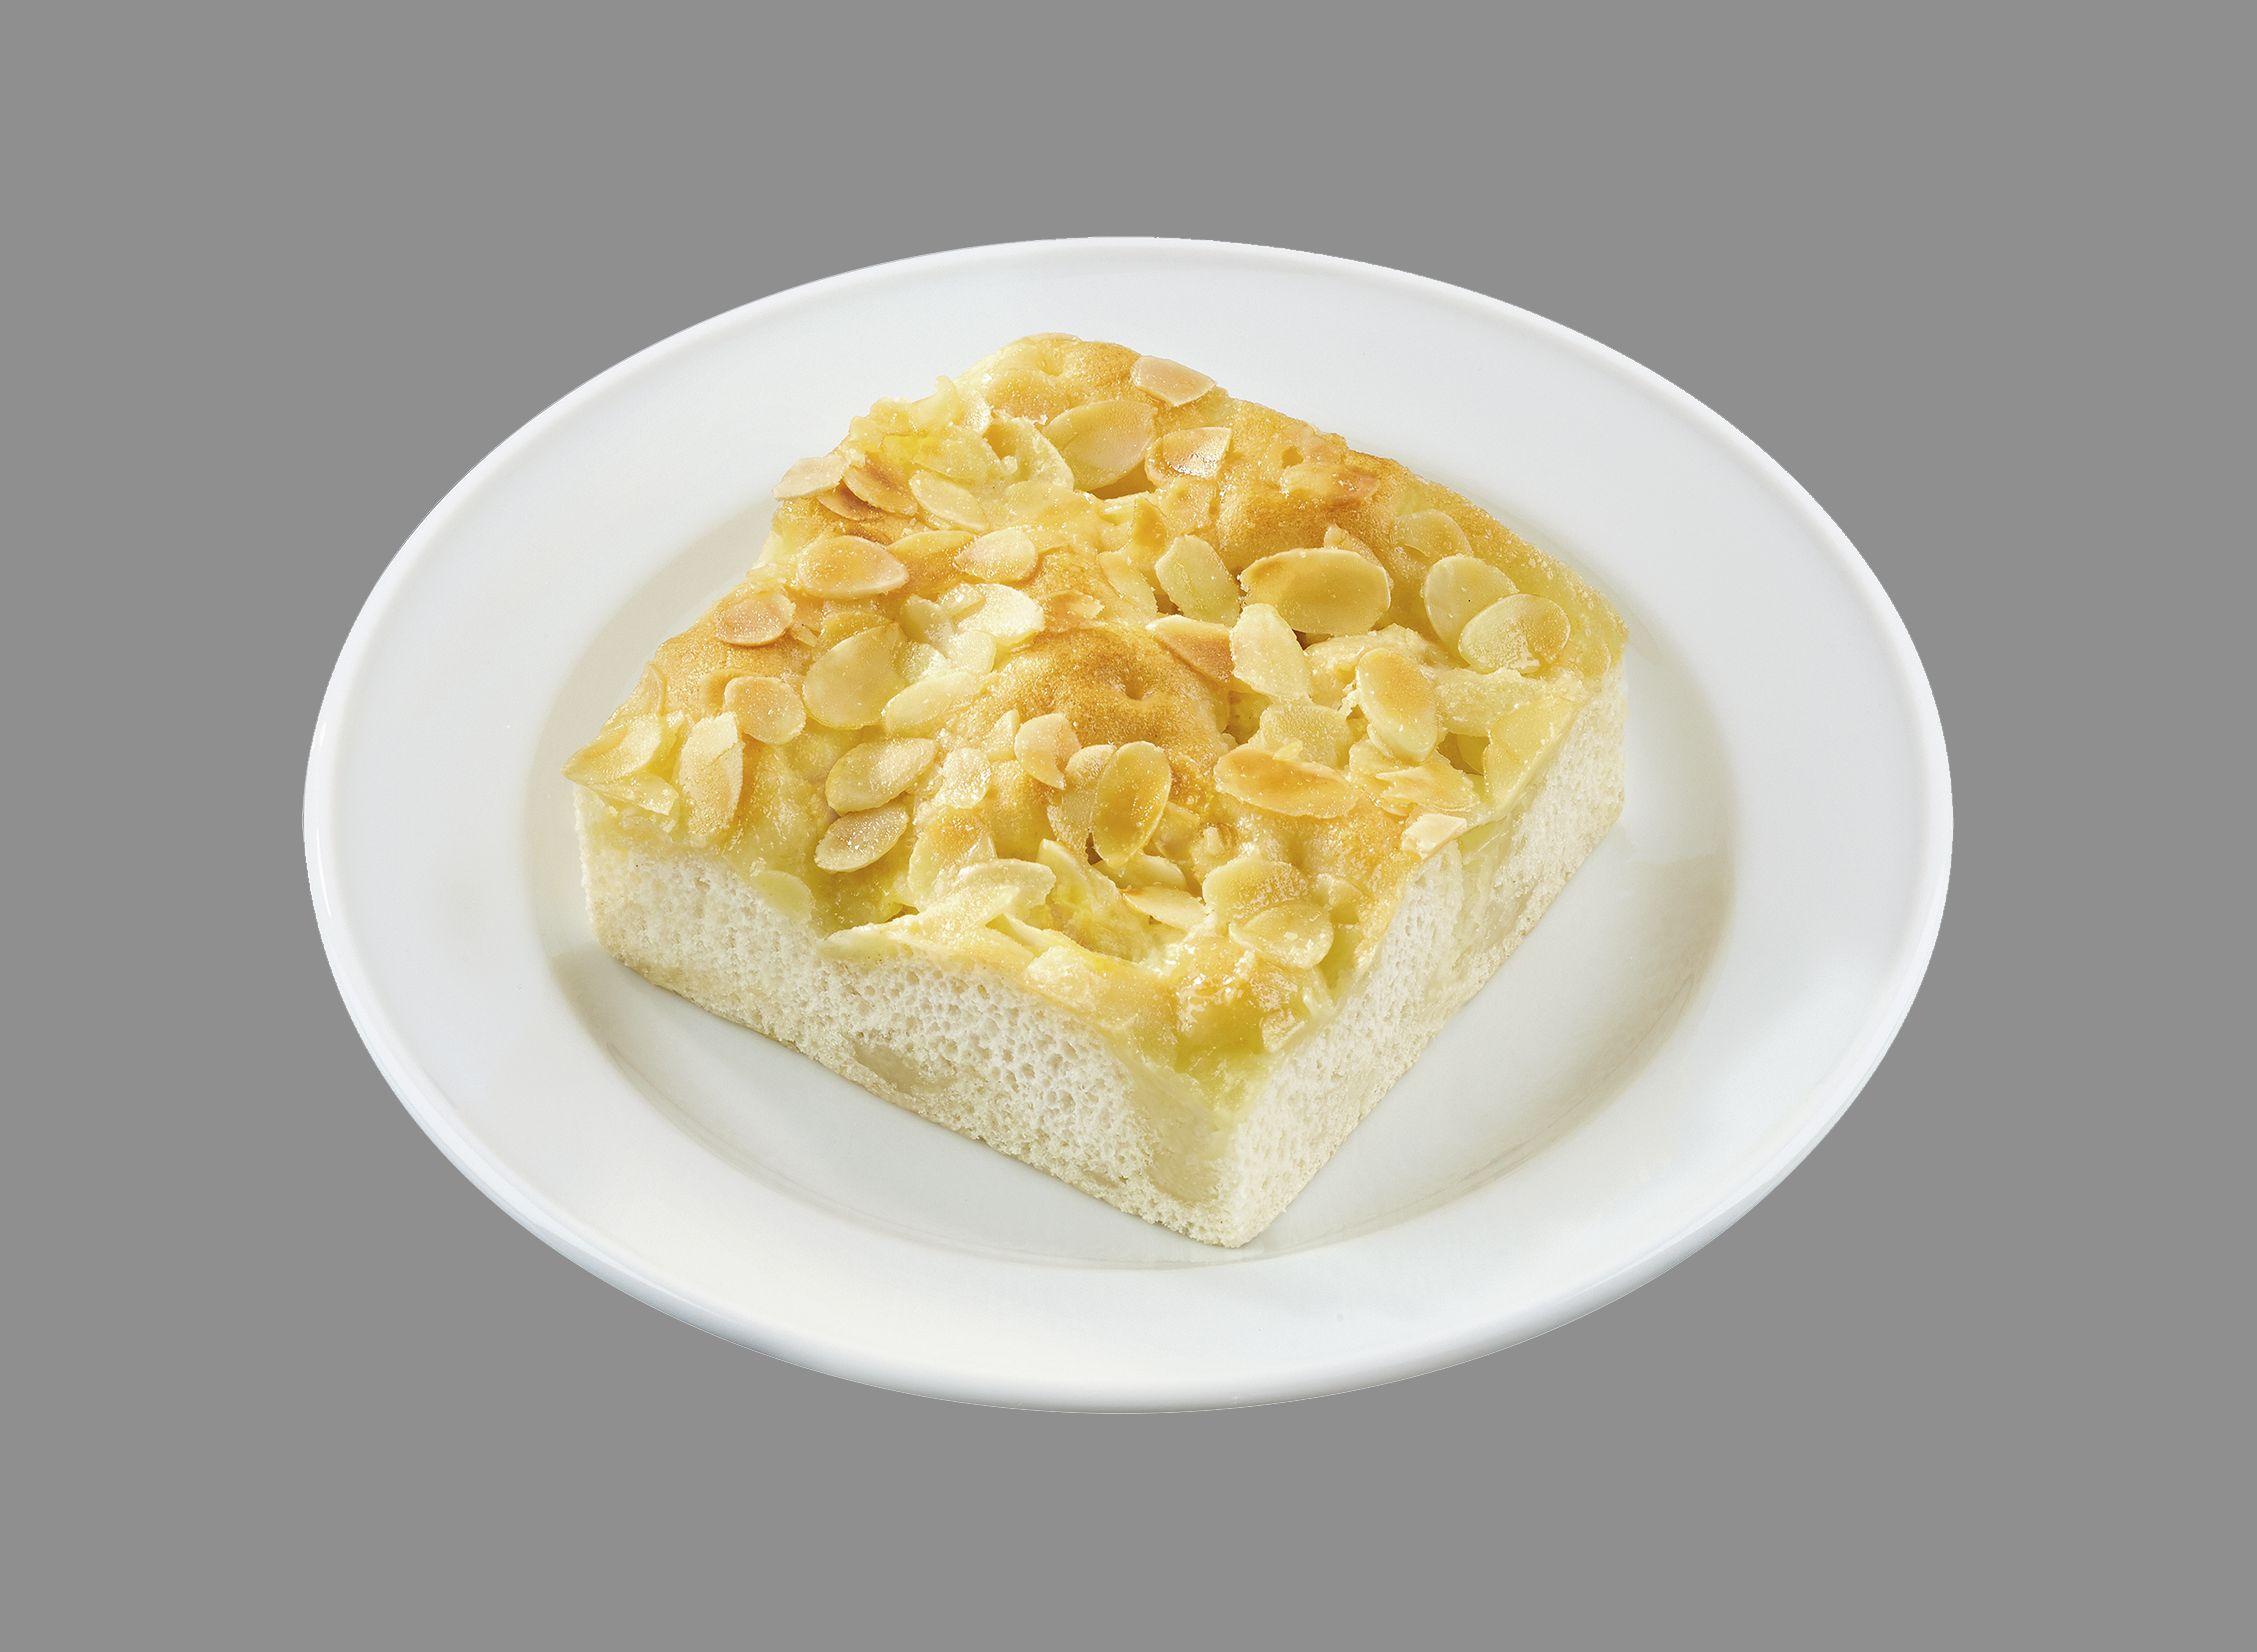 Feiner Butterkuchen mit Mandelblättern  (einzeln verpackt)